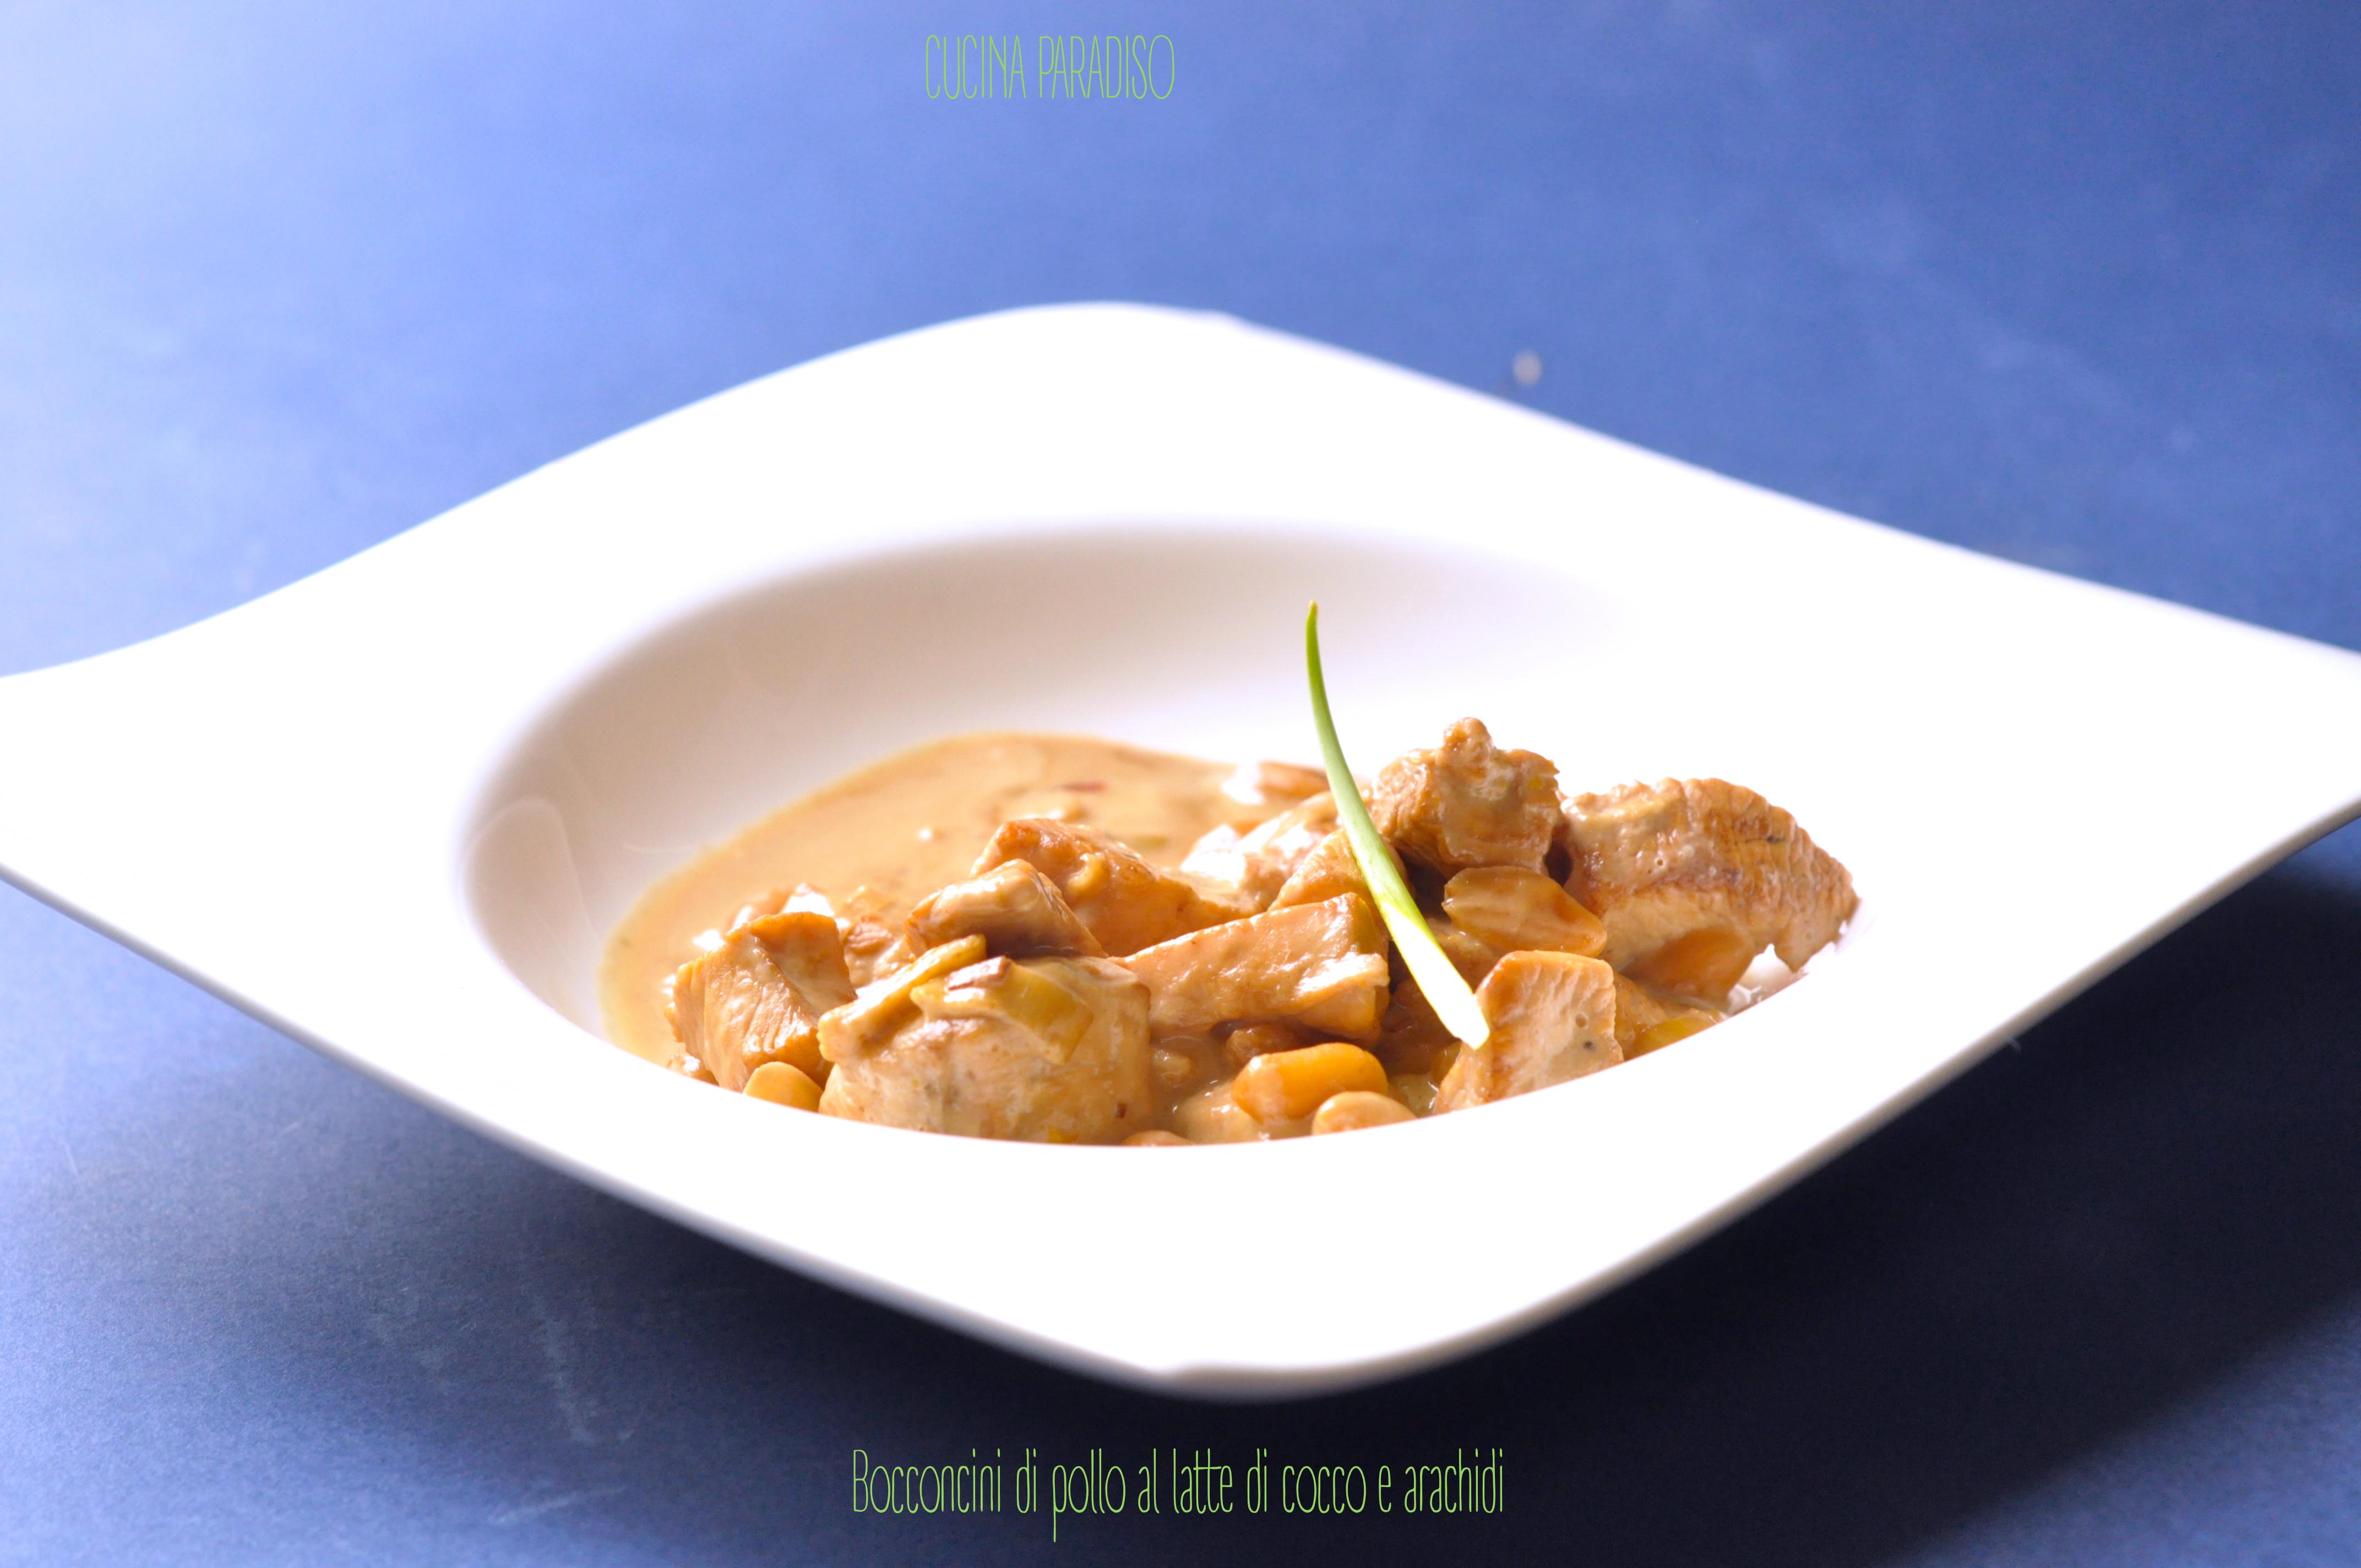 bocconcini-di-pollo-al-latte-di-cocco-e-arachidi3